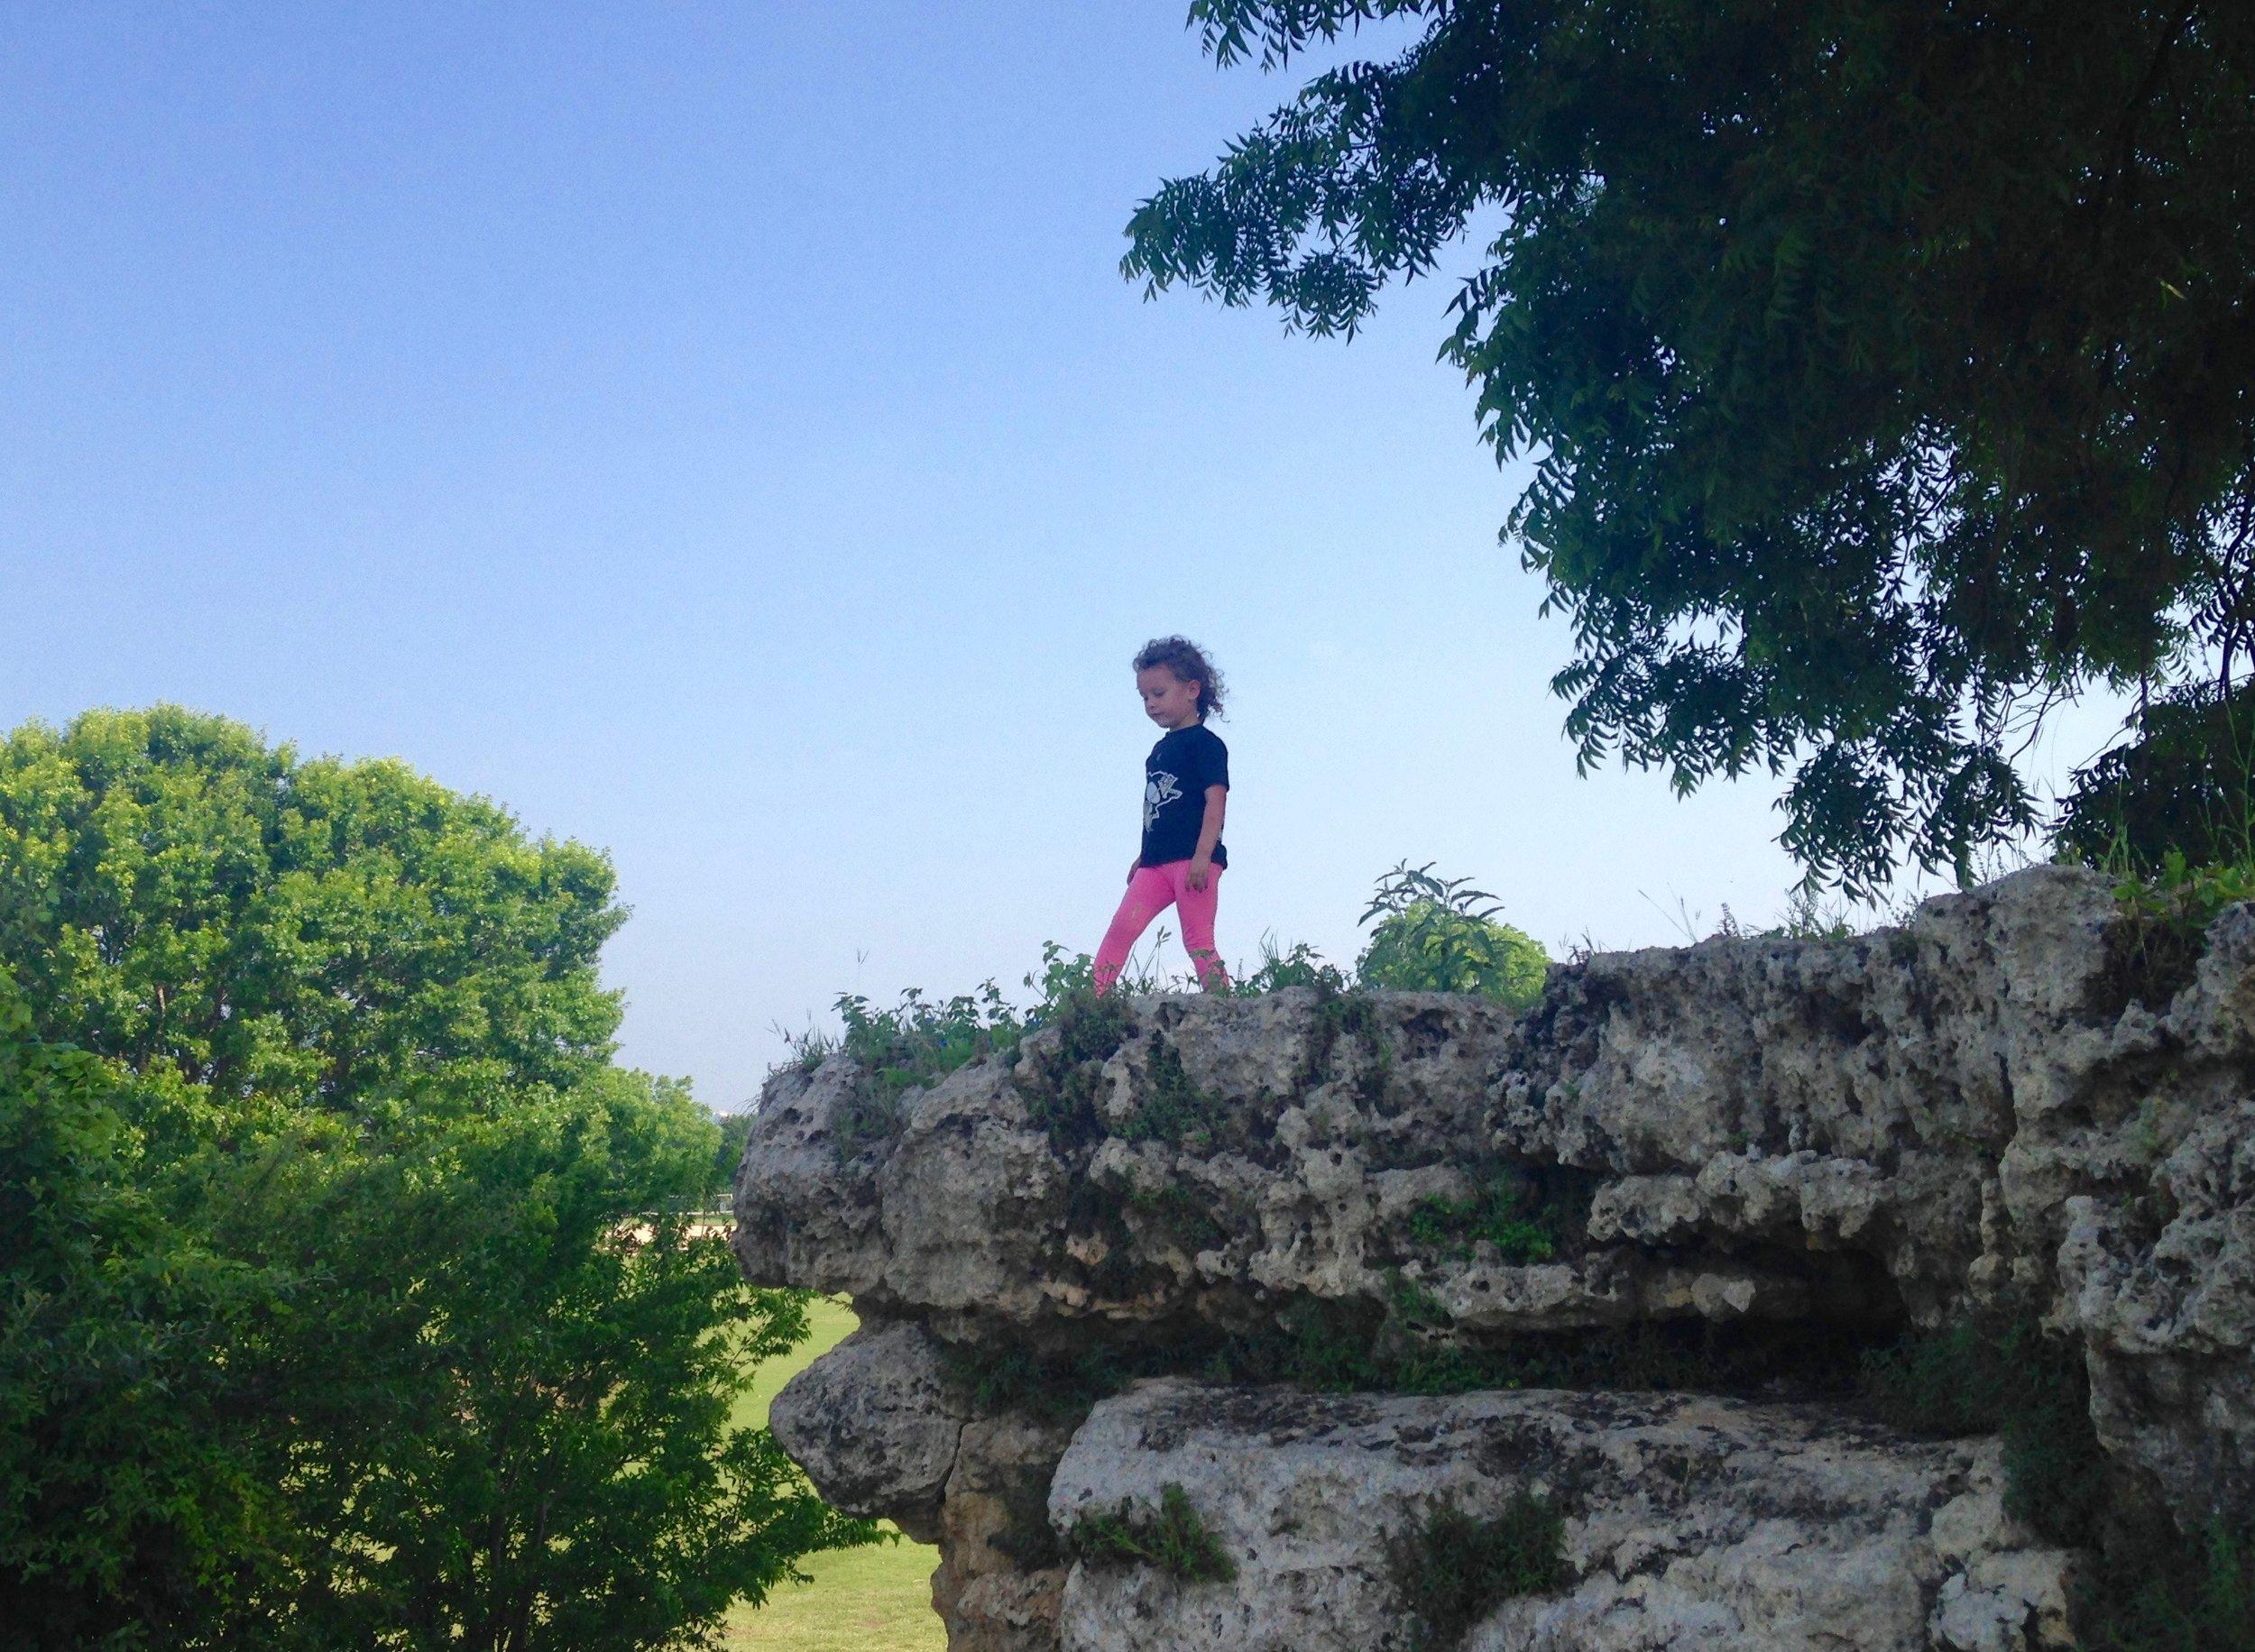 Kenzie, scaling the limestone cliffs in Zilker Park, downtown Austin.